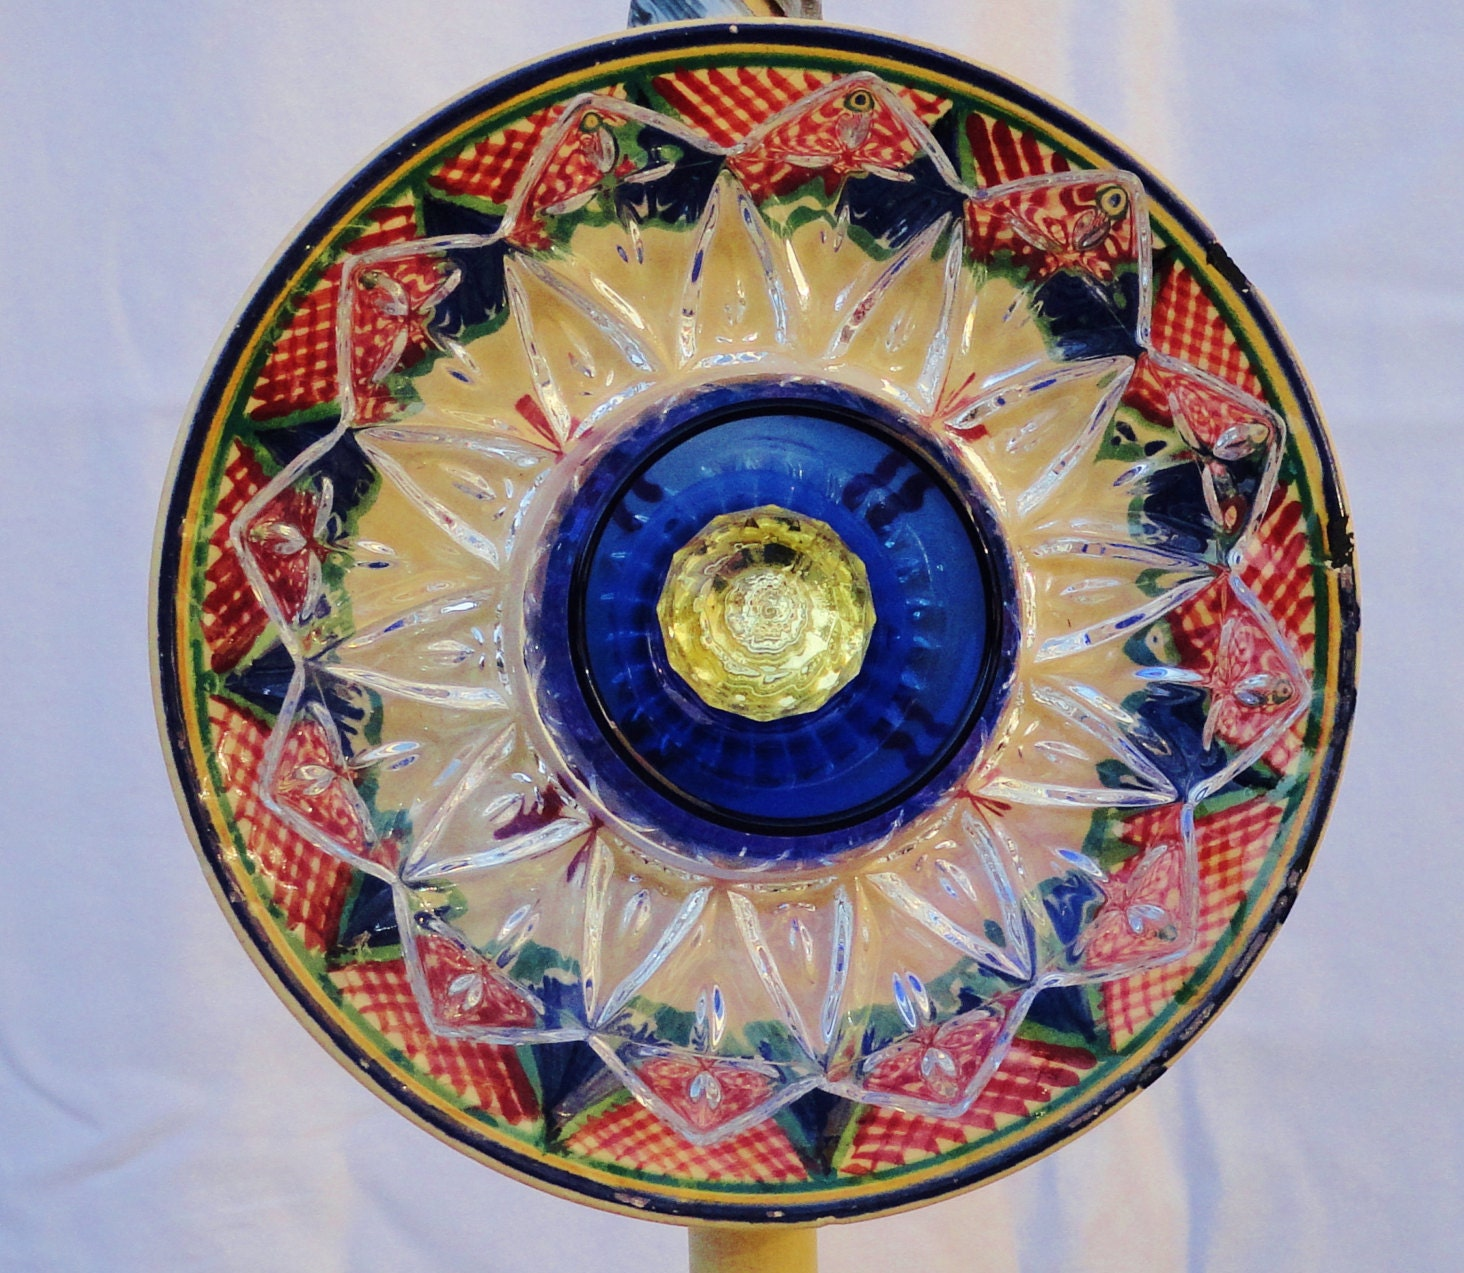 Recycled garden art garden ornament glass plate flower yard for Recycled glass garden ornaments